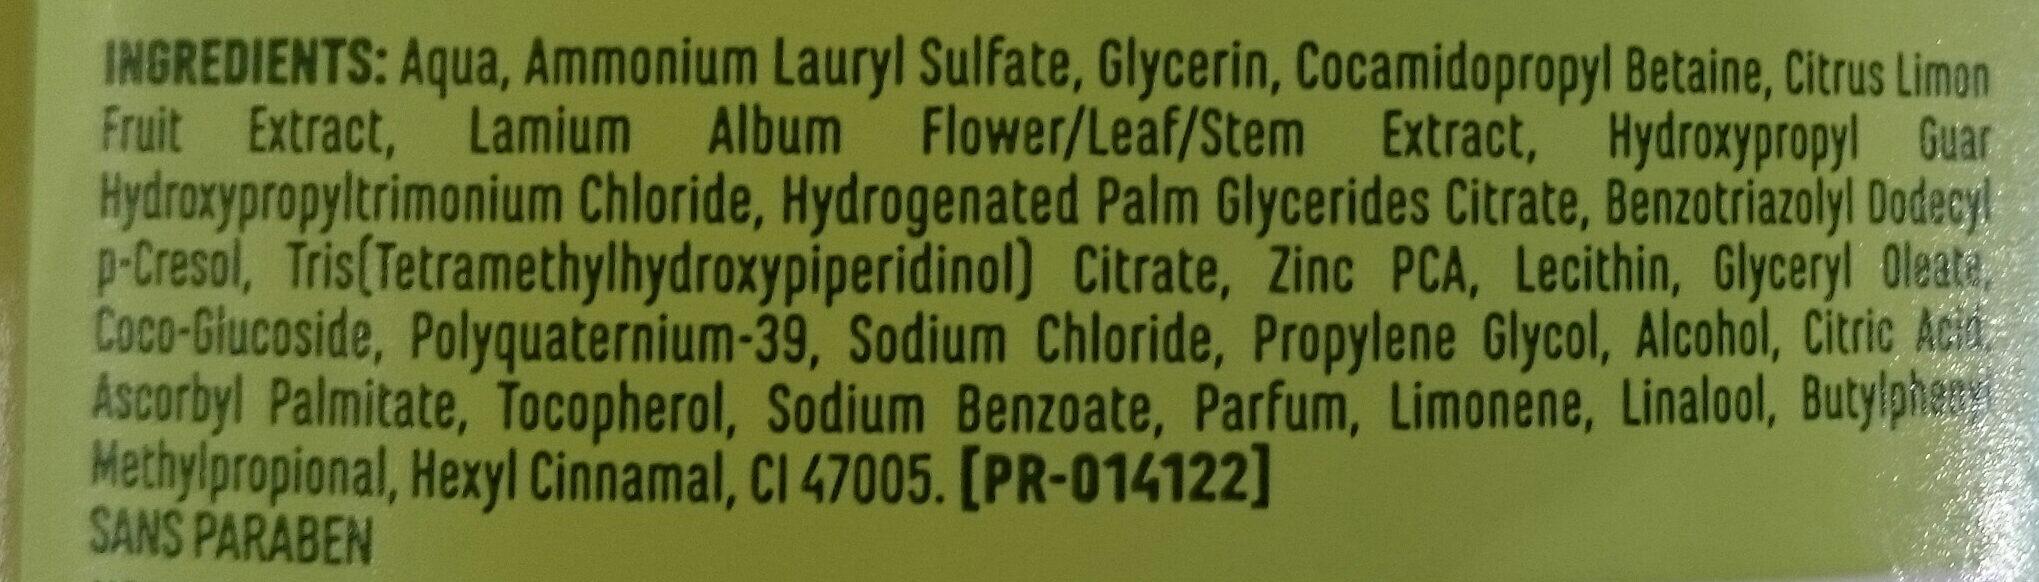 Shampoing doux purifiant à l'ortie blanche et au citron - Ingredients - fr